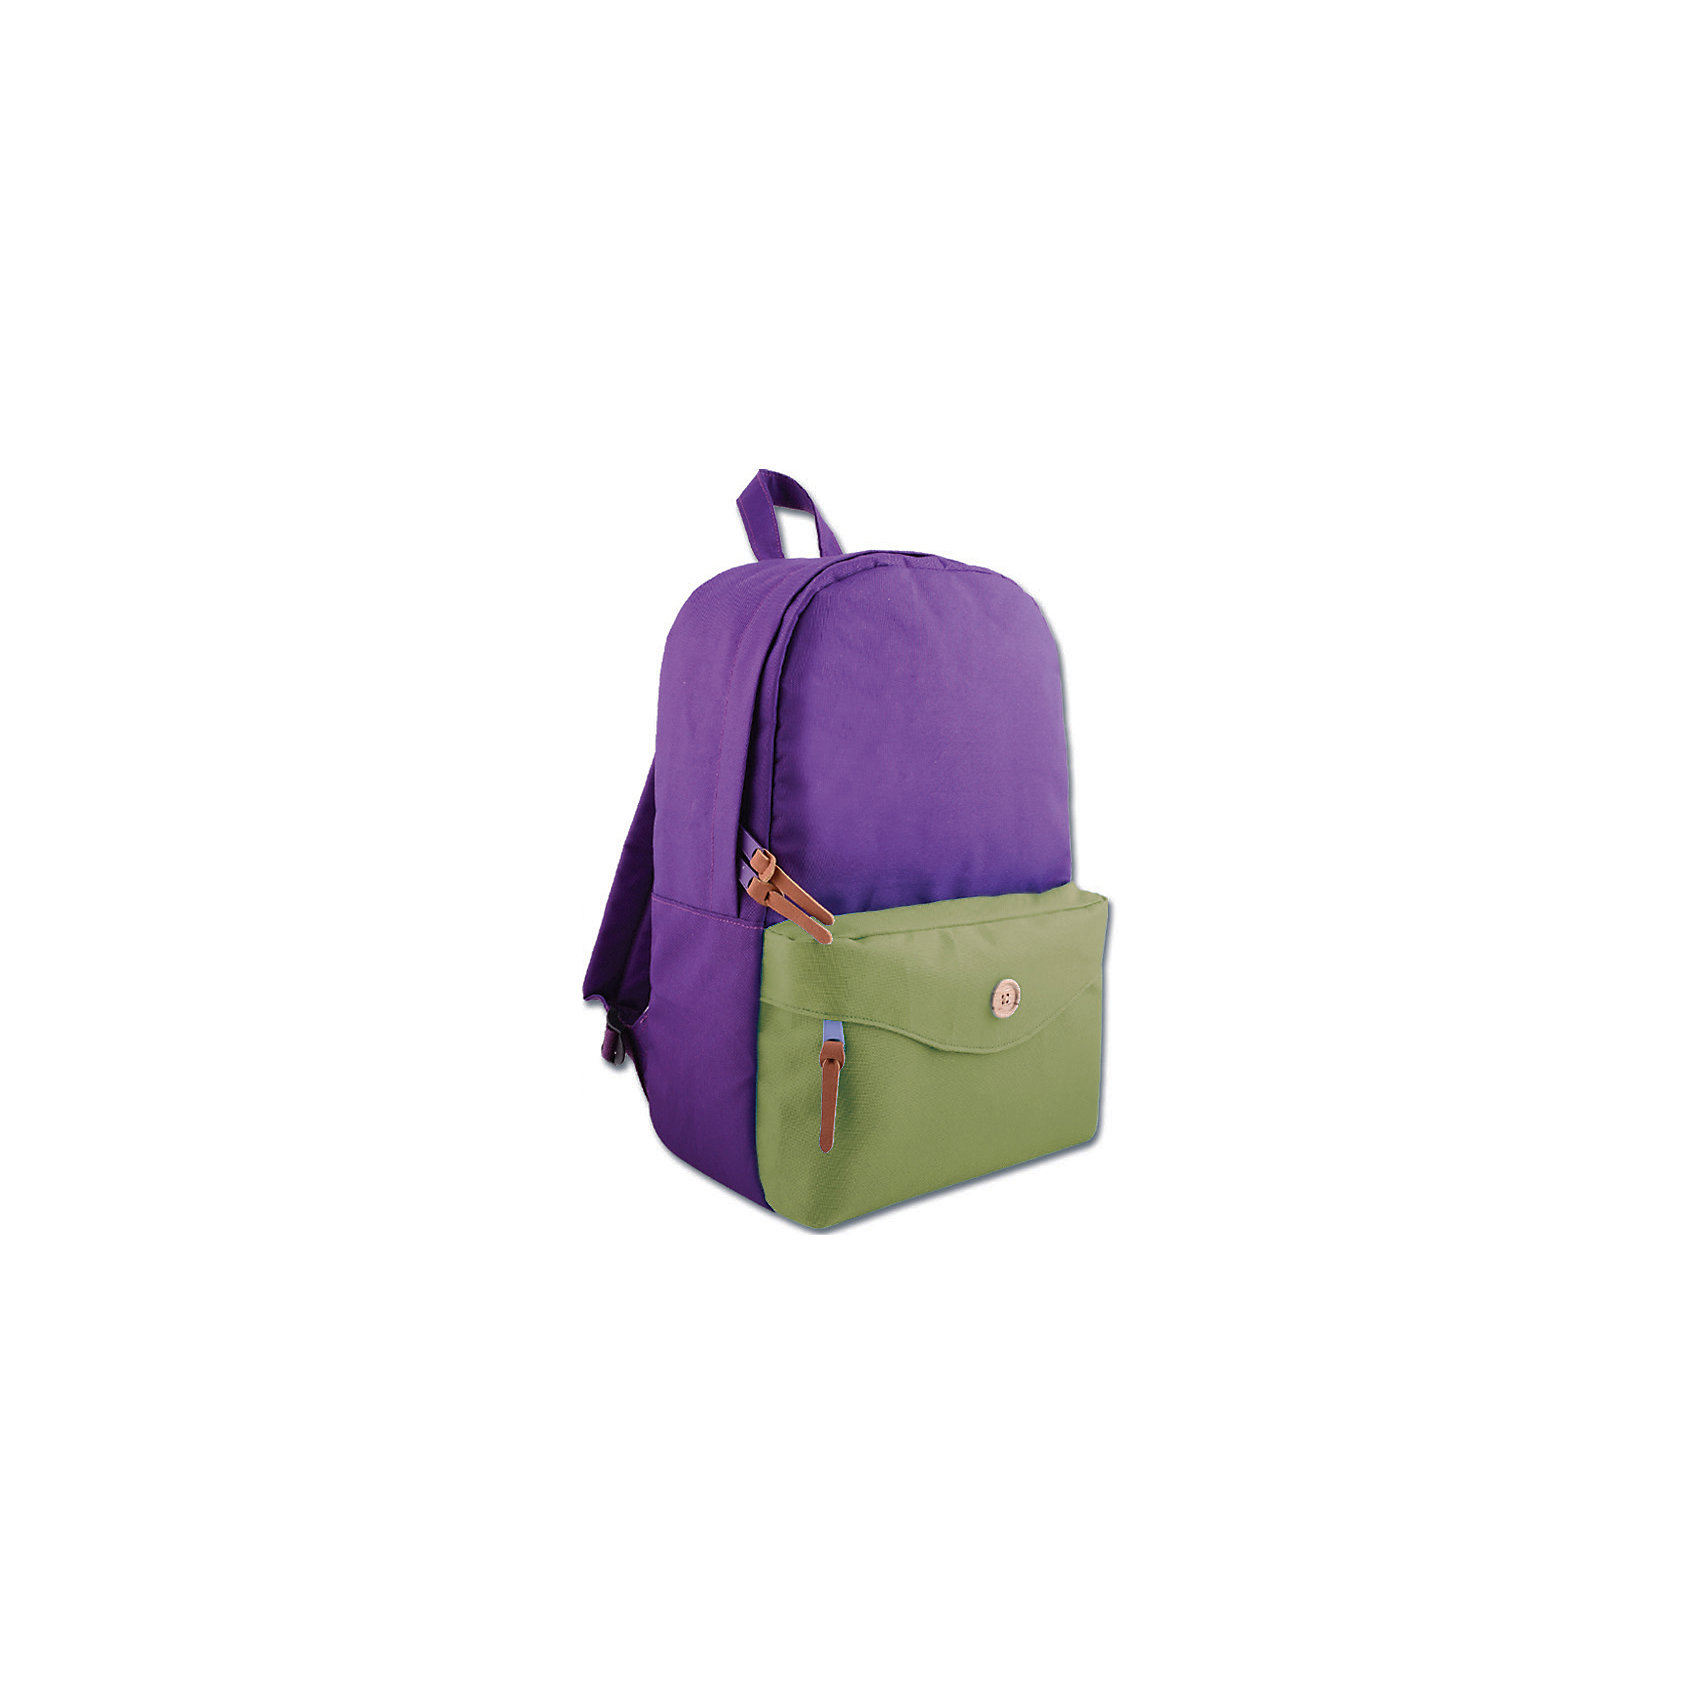 Рюкзак молодежный, фиолетовыйДорожные сумки и чемоданы<br>Яркий, вместительный рюкзак для молодежи. У рюкзака одно большое отделение на молнии и дополнительный накладной карман, лямки регулируются.<br><br>Дополнительная информация:<br><br>- Возраст: от 10 лет.<br>- Цвет: фиолетовый.<br>- Материал: 100% полиэстер.<br>- Размер упаковки: 42х28х11 см.<br>- Вес в упаковке: 325 г.<br><br>Купить молодежный рюкзак в фиолетовом цвете, можно в нашем магазине.<br><br>Ширина мм: 420<br>Глубина мм: 280<br>Высота мм: 110<br>Вес г: 325<br>Возраст от месяцев: 120<br>Возраст до месяцев: 2147483647<br>Пол: Унисекс<br>Возраст: Детский<br>SKU: 4943433